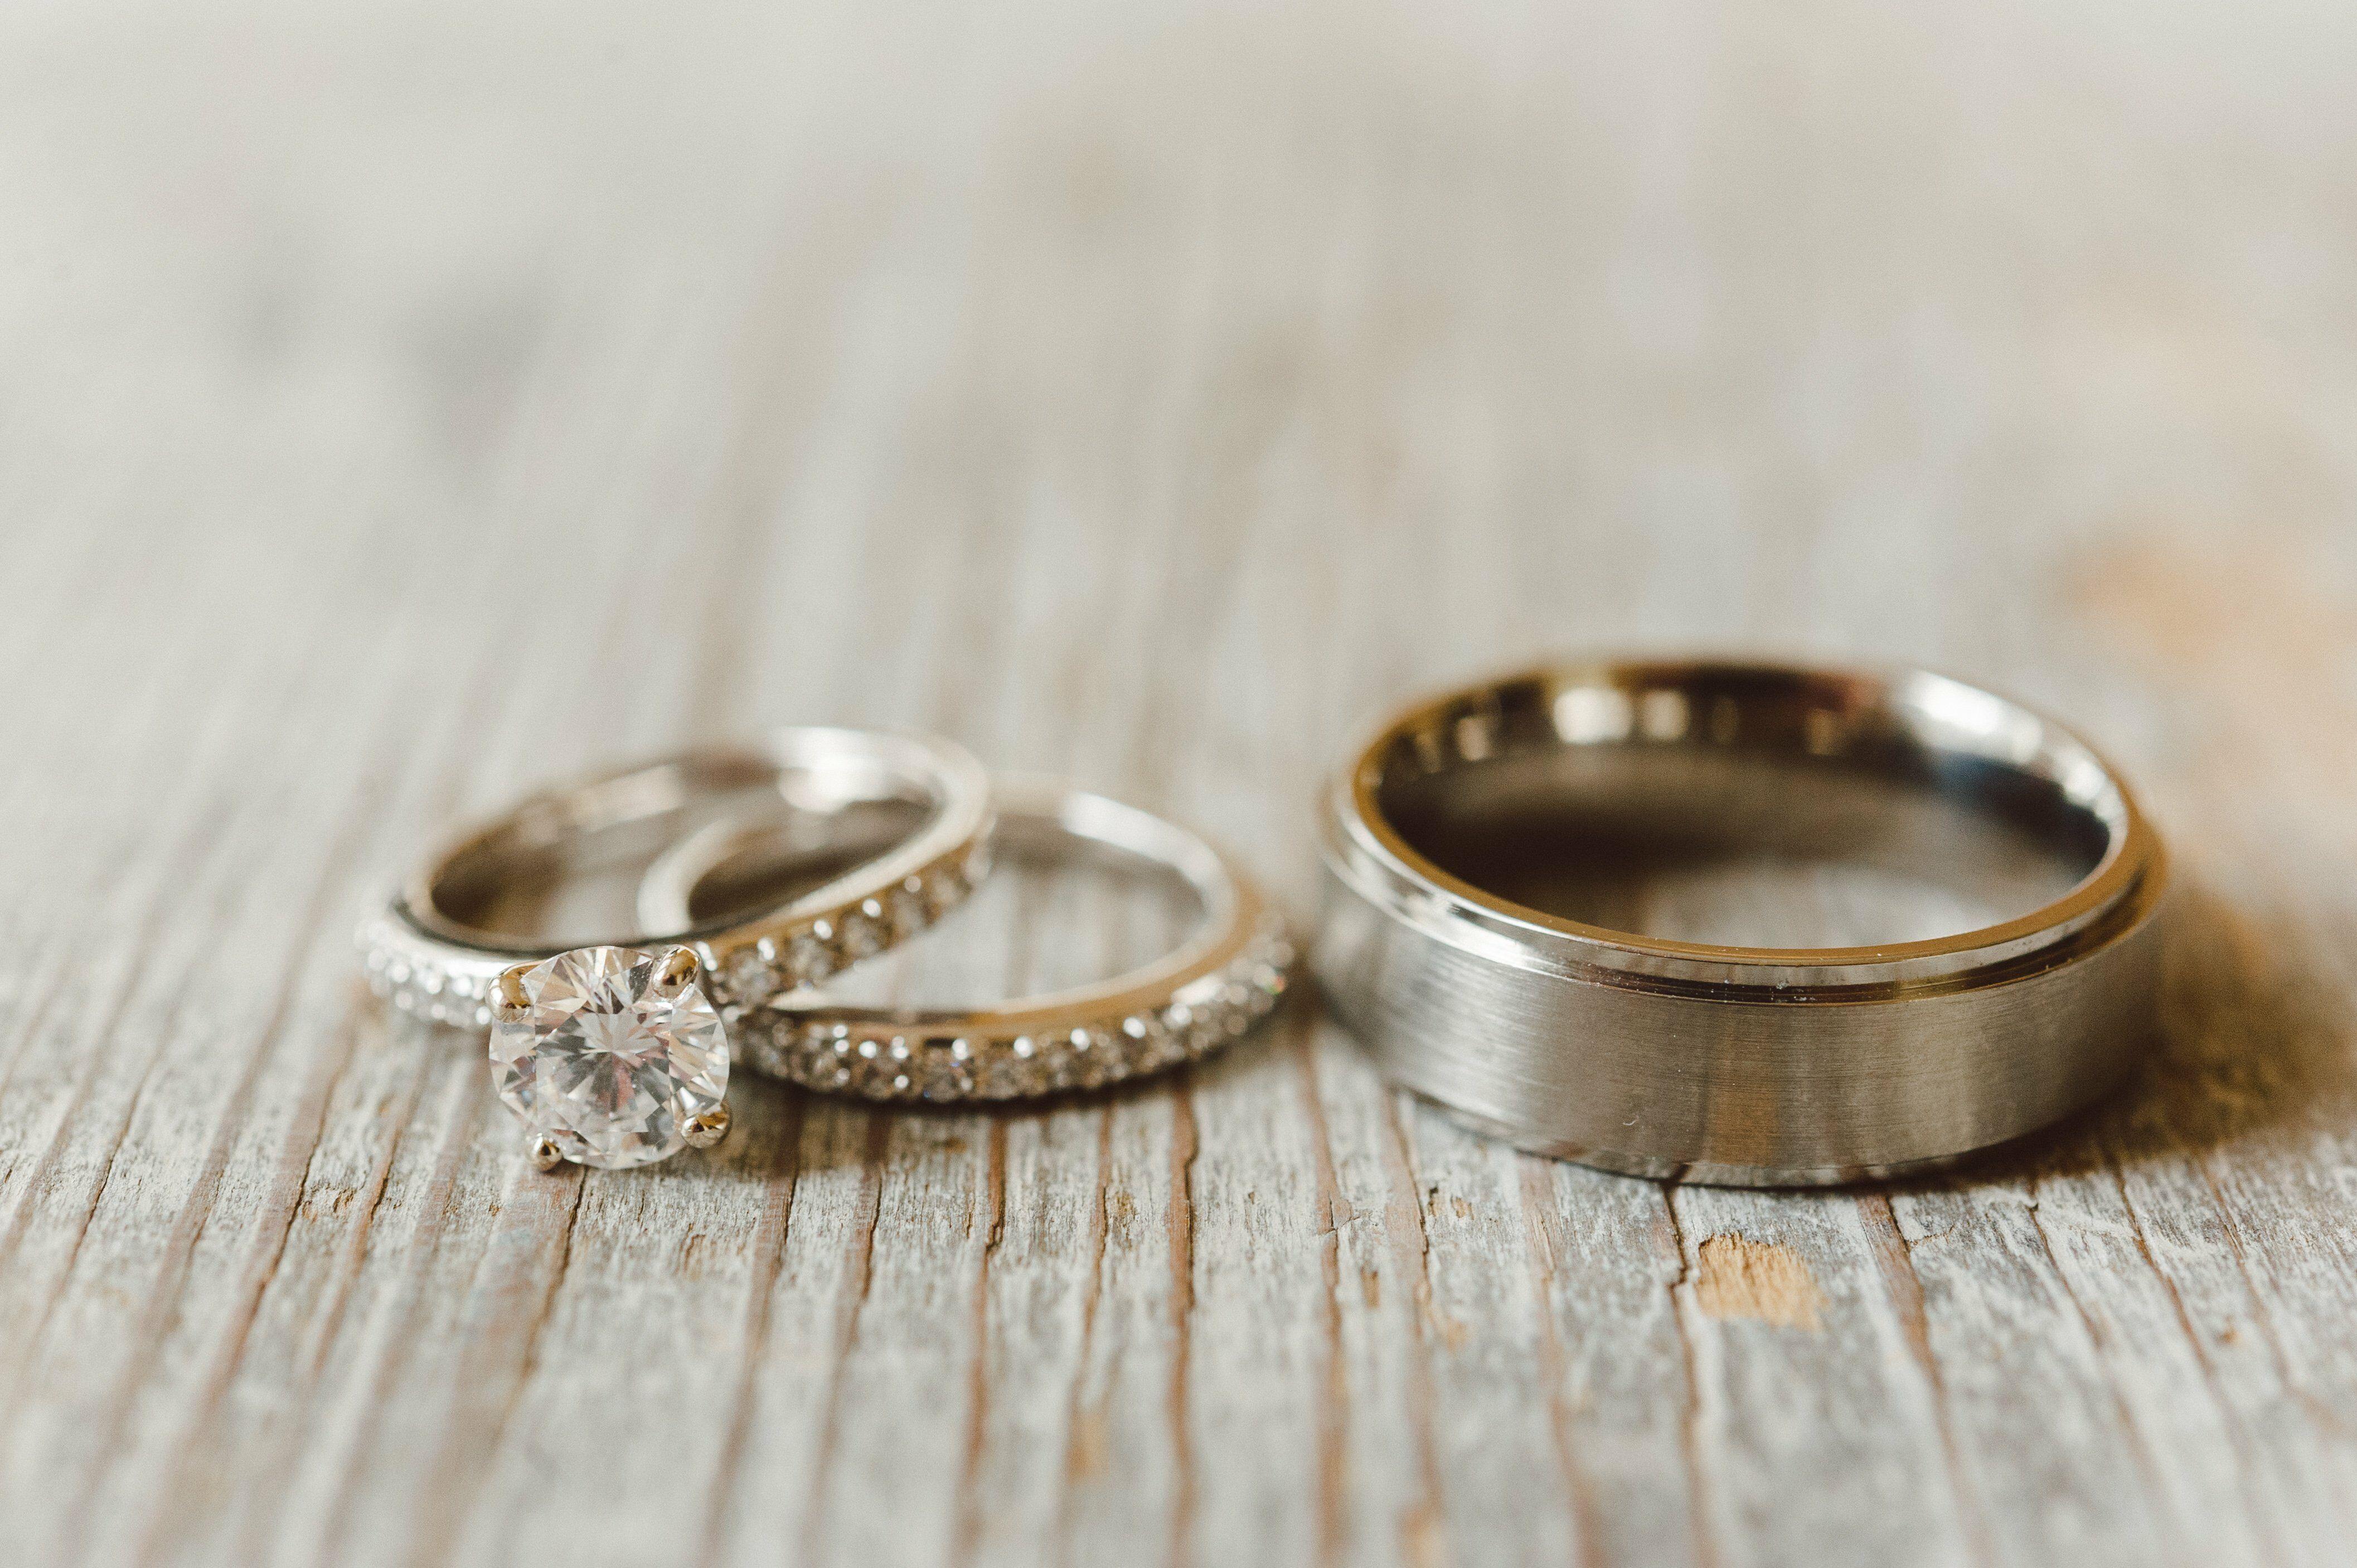 отдых обручальное кольцо с надписью картинки мужские женщин протекает